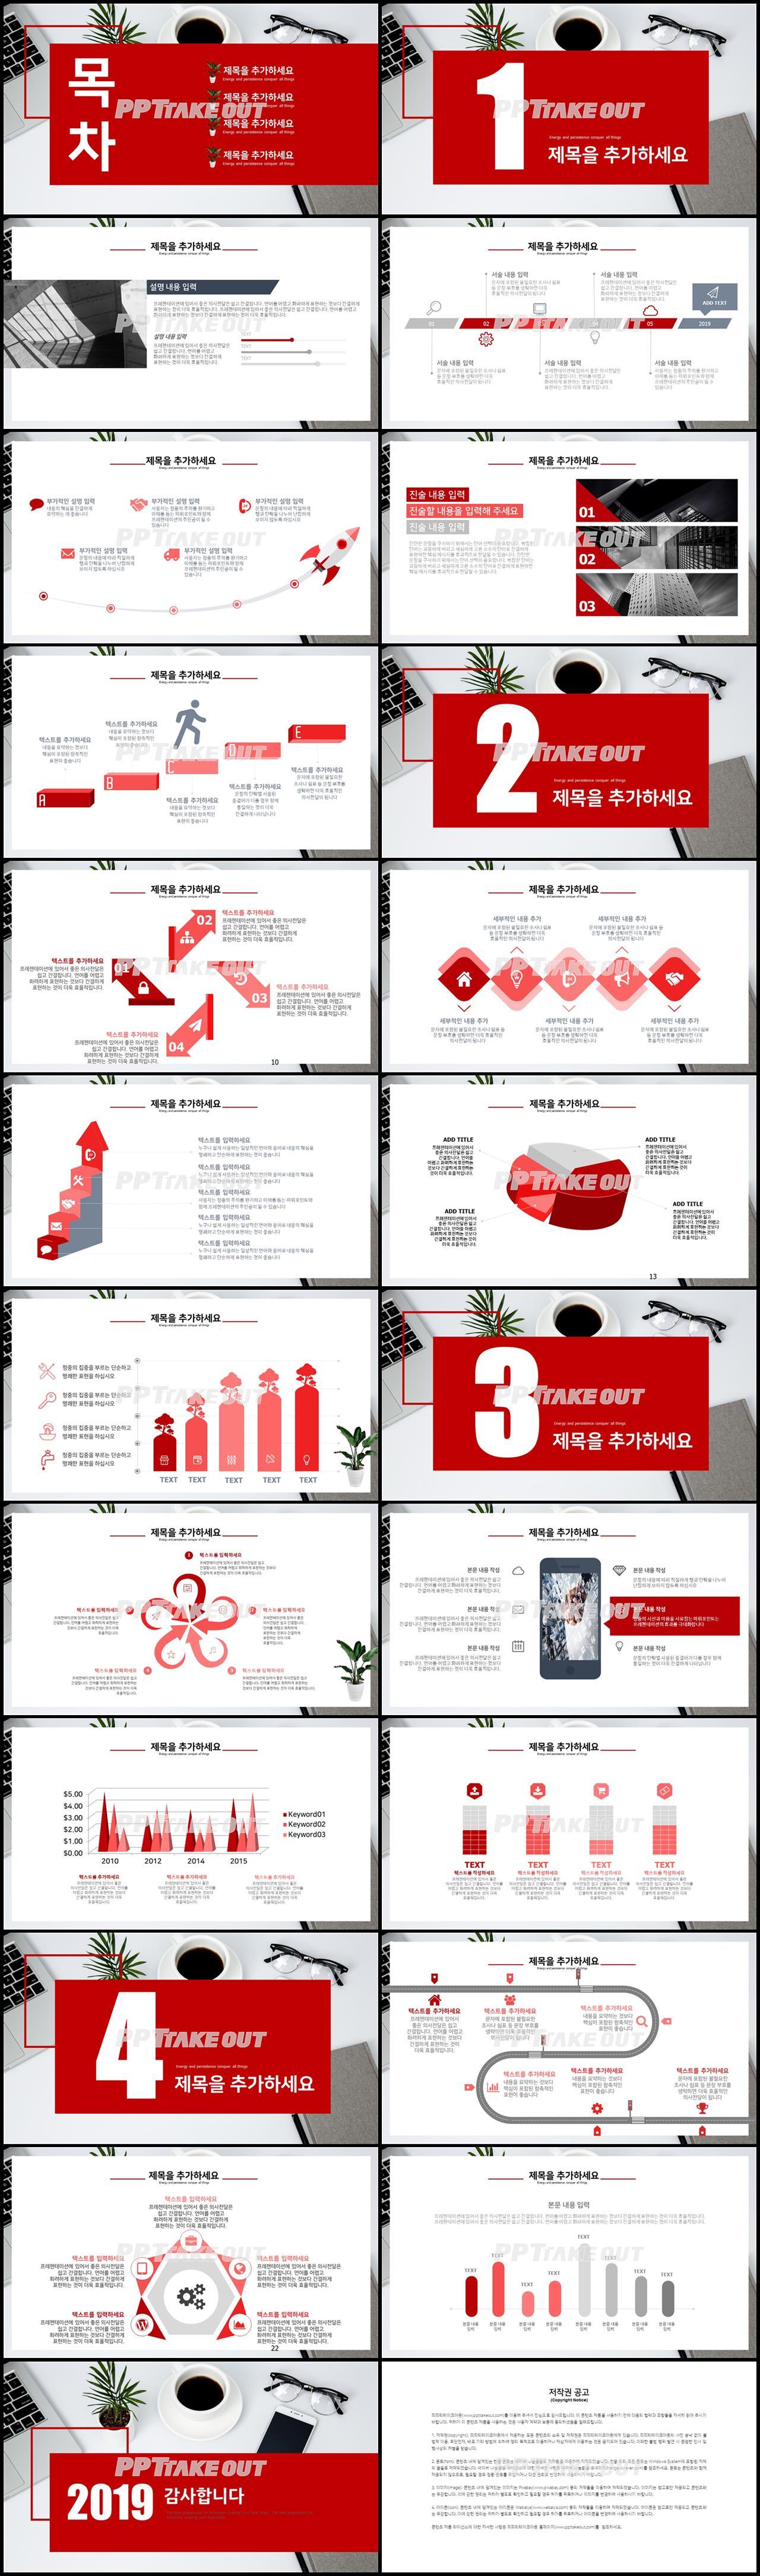 업무프로세스 빨간색 폼나는 고퀄리티 PPT배경 제작 상세보기